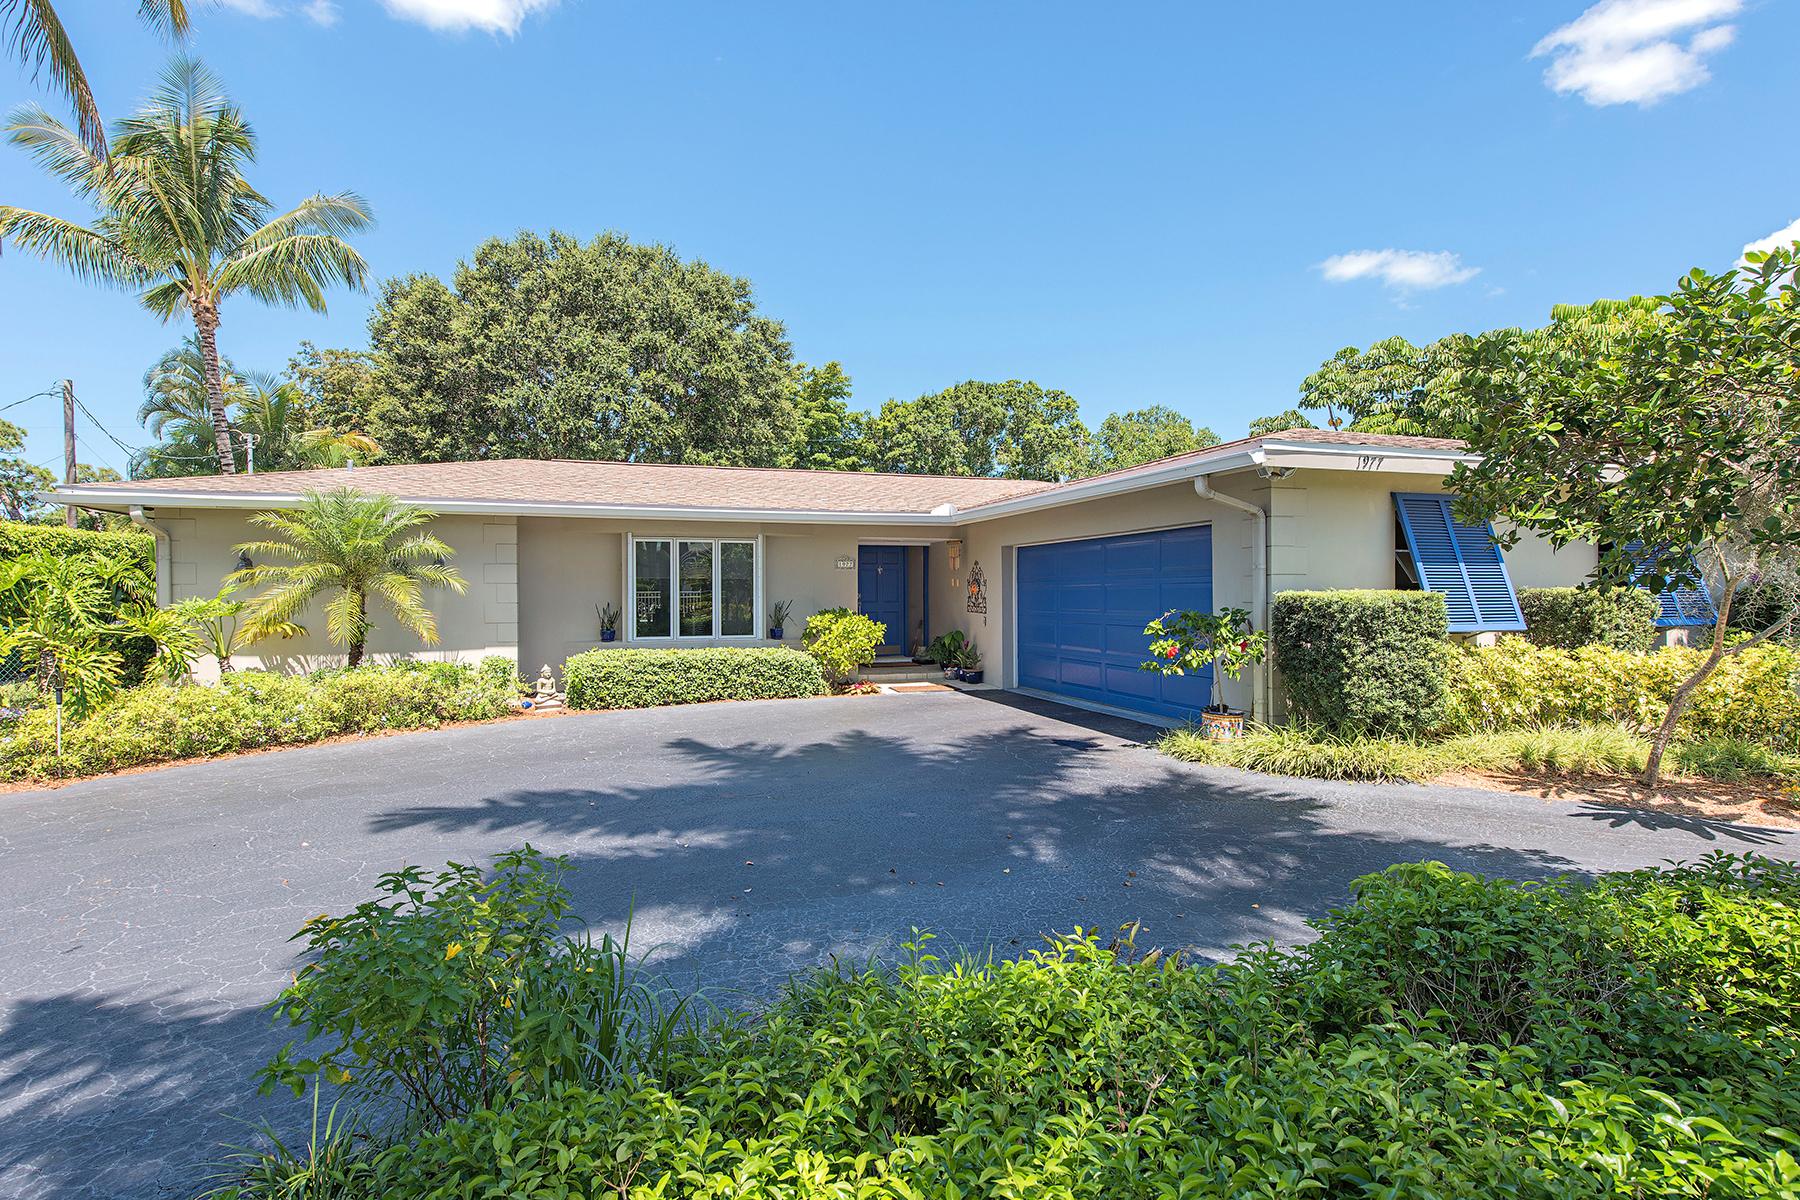 Частный односемейный дом для того Продажа на THE MOORINGS 1977 Alamanda Dr Naples, Флорида 34102 Соединенные Штаты